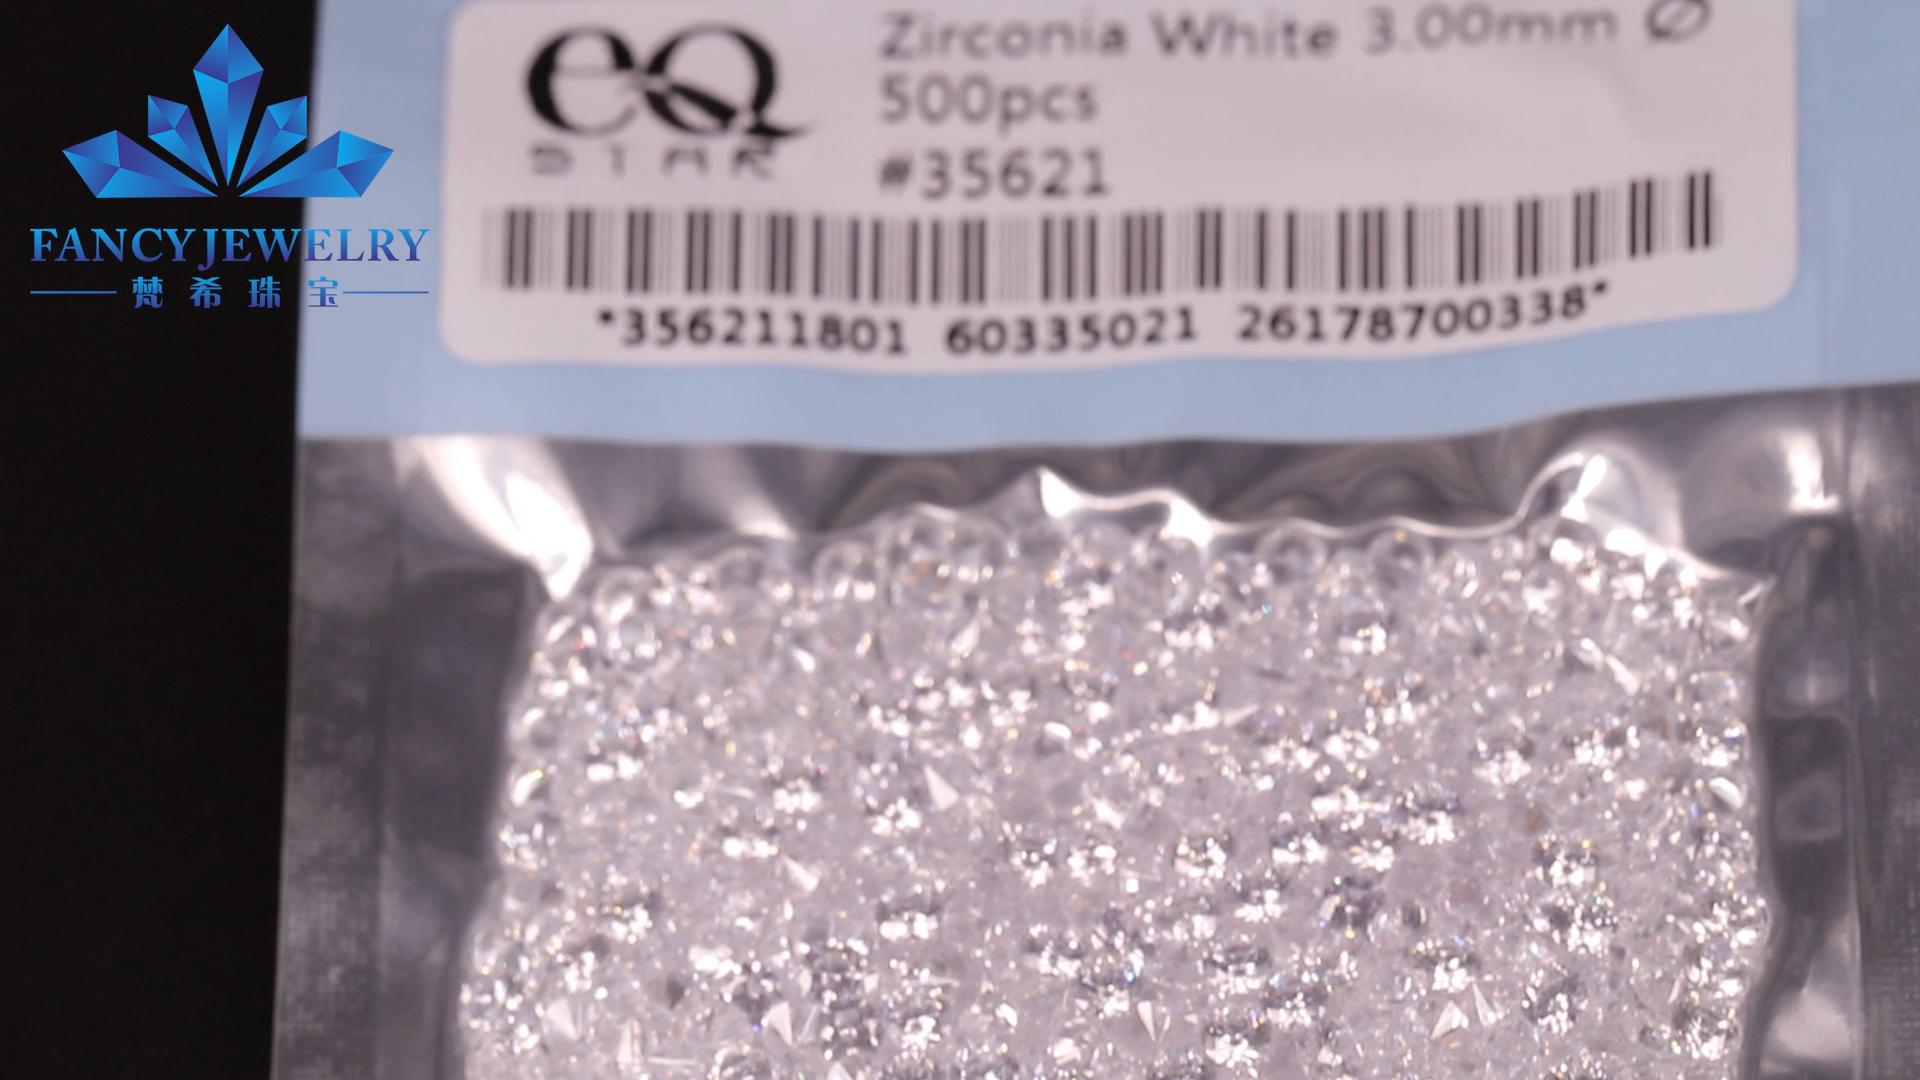 Chuyên Nghiệp Trong Việc Cung Cấp Của Tất Cả Các Kích Cỡ Tất Cả Các Màu Sắc Và Tất Cả Các Hình Dạng CZ Diamond Gem Stones Tổng Hợp Cubic Zirconia